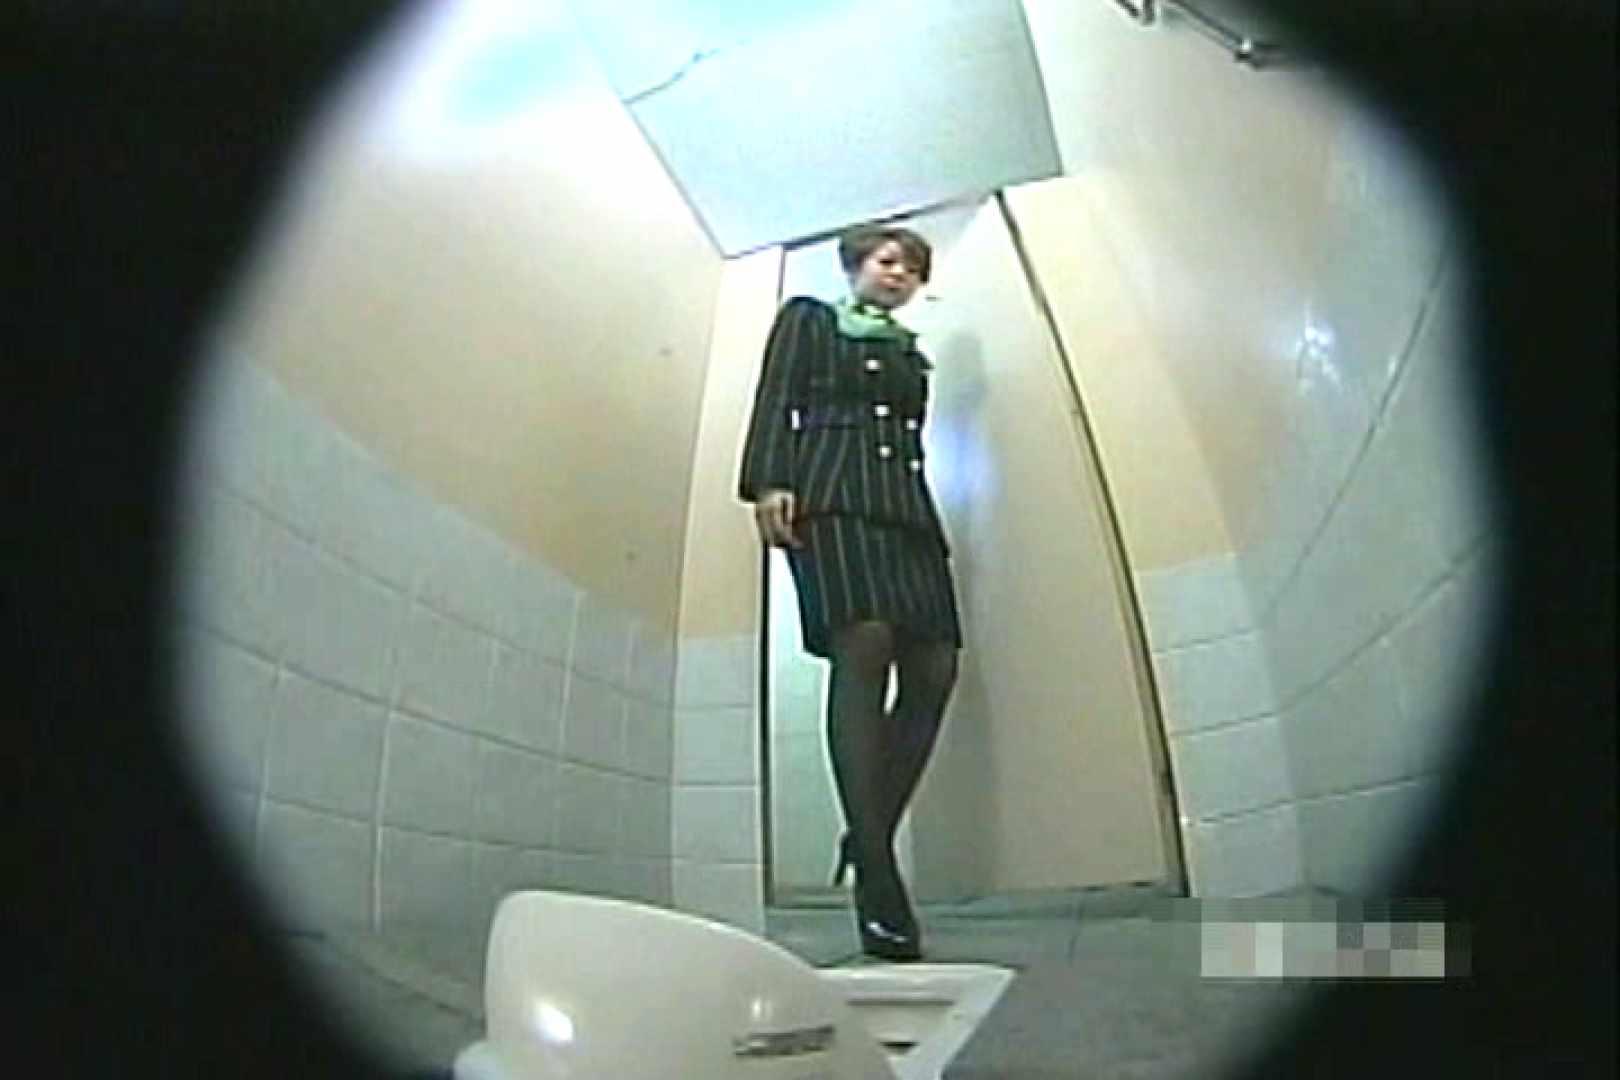 美脚・美人・スレンダーじゃなきゃスチュワーデスじゃないVol.1 女性の肛門 おまんこ動画流出 107画像 63